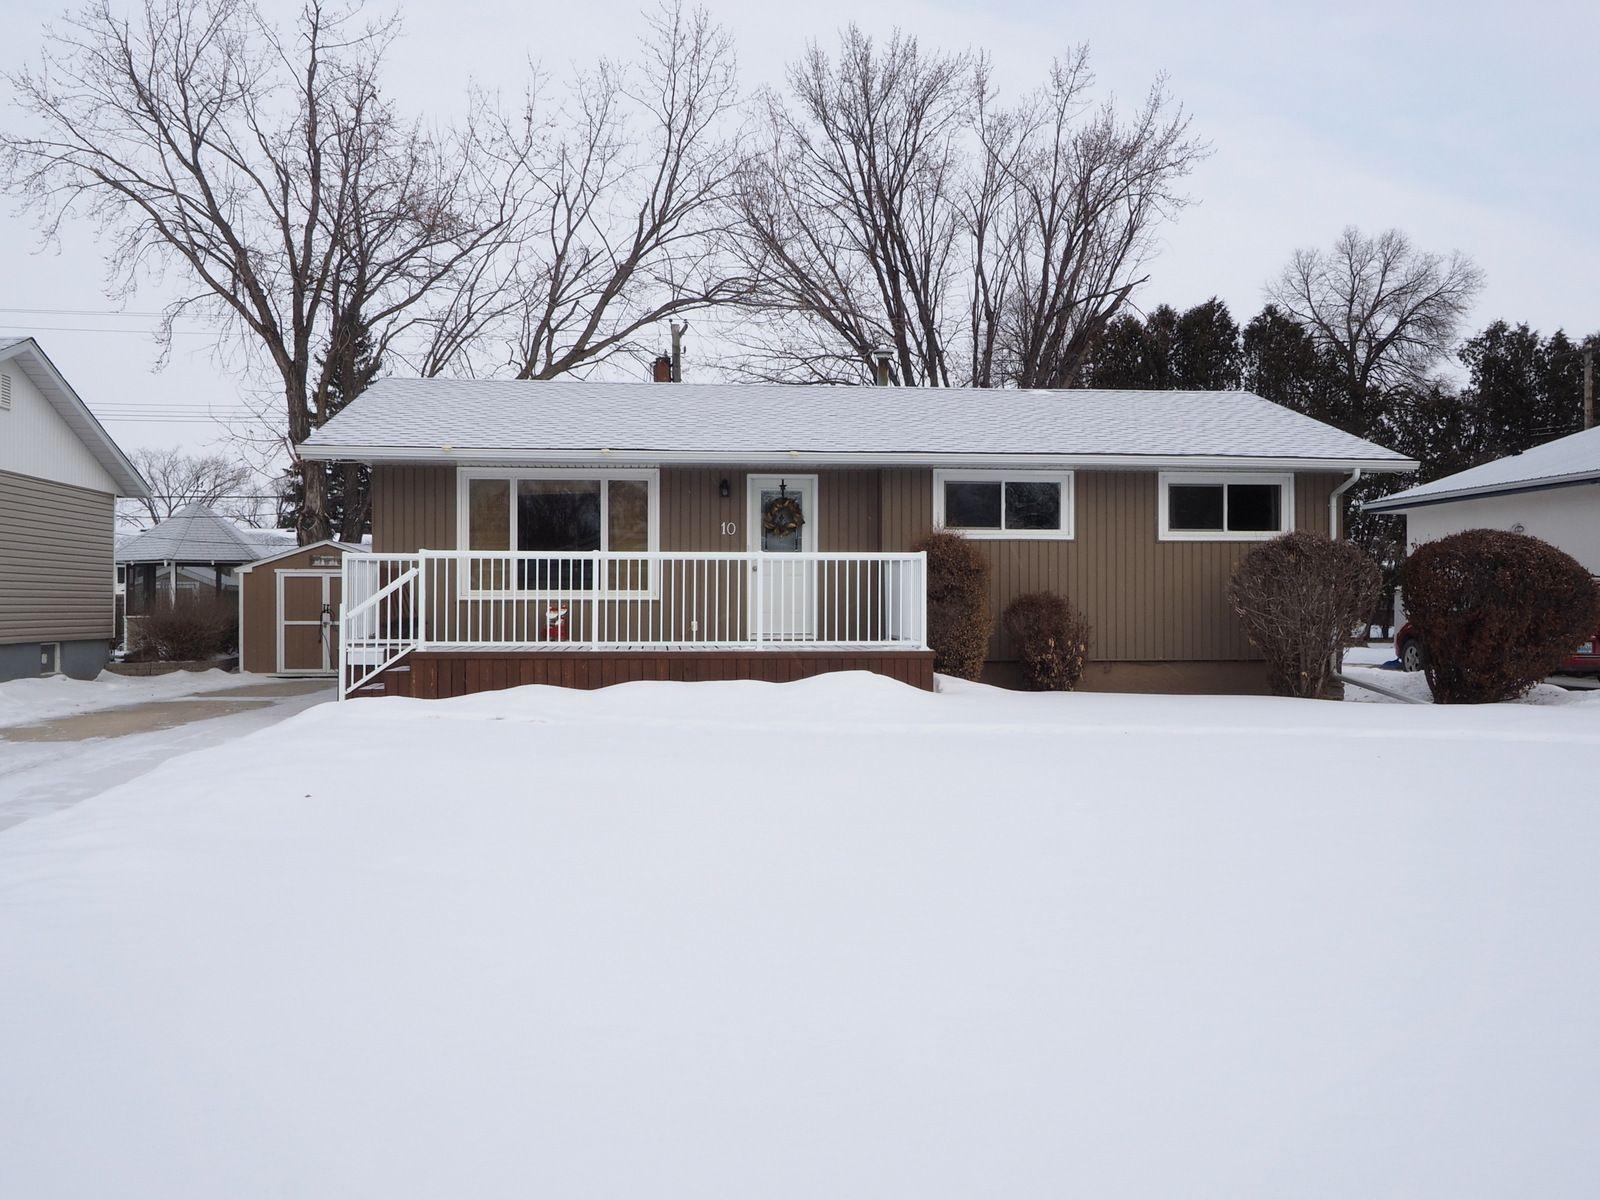 Main Photo: 10 Radisson Avenue in Portage la Prairie: House for sale : MLS®# 202103465